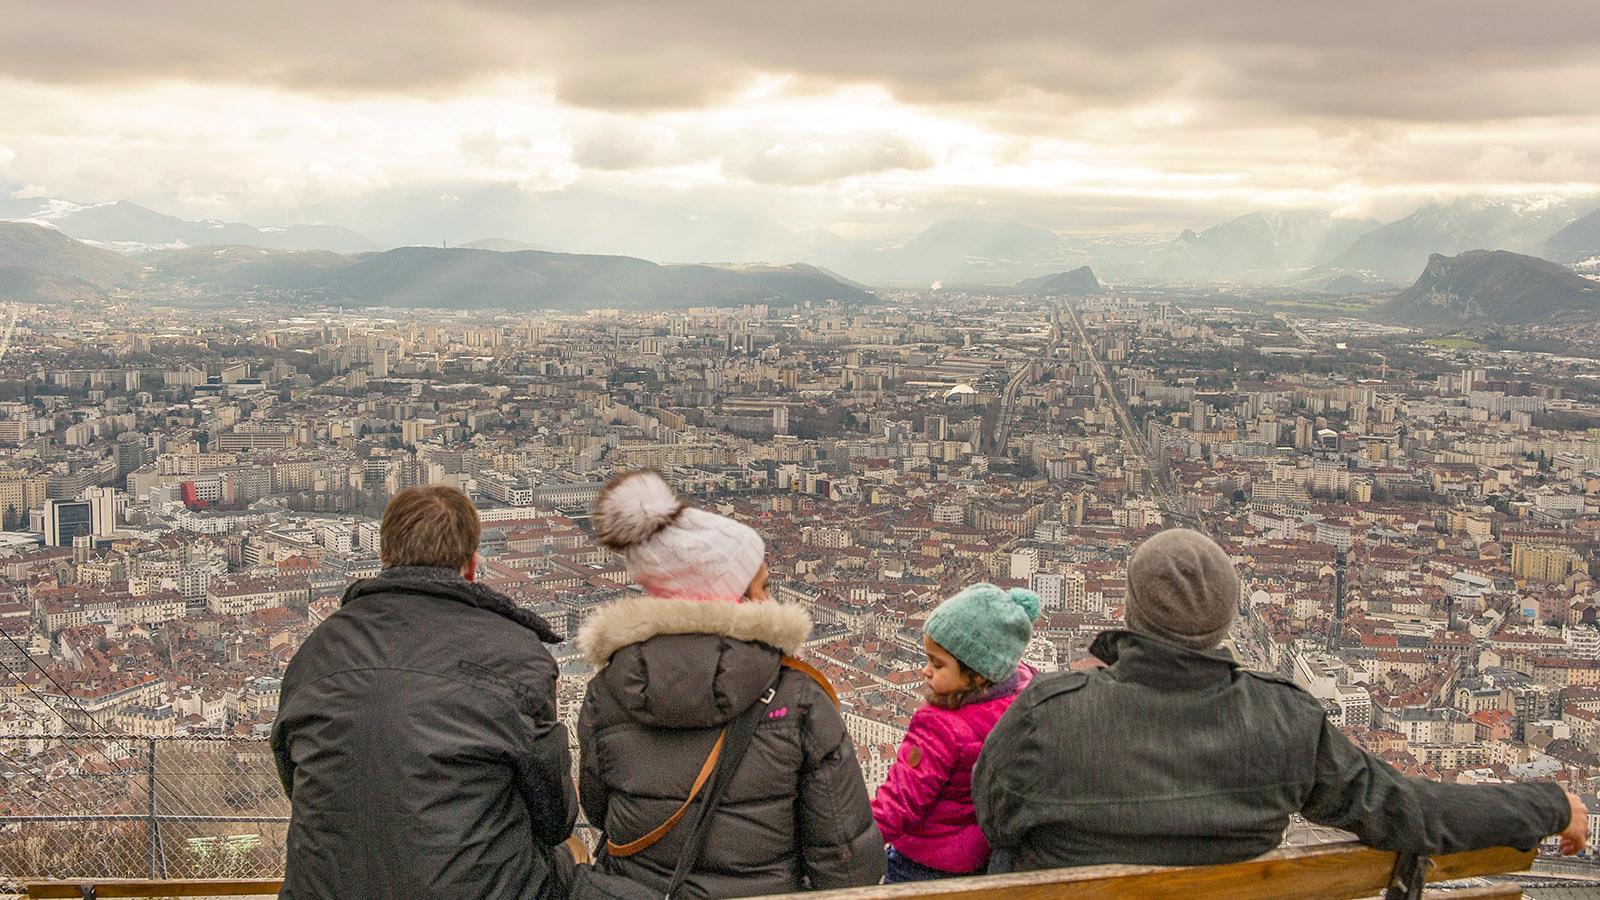 Die Bastille von Grenoble ist ein beliebter Aussichtspunkt und Start für zahlreiche Wanderungen. Foto: Hilke Maunder